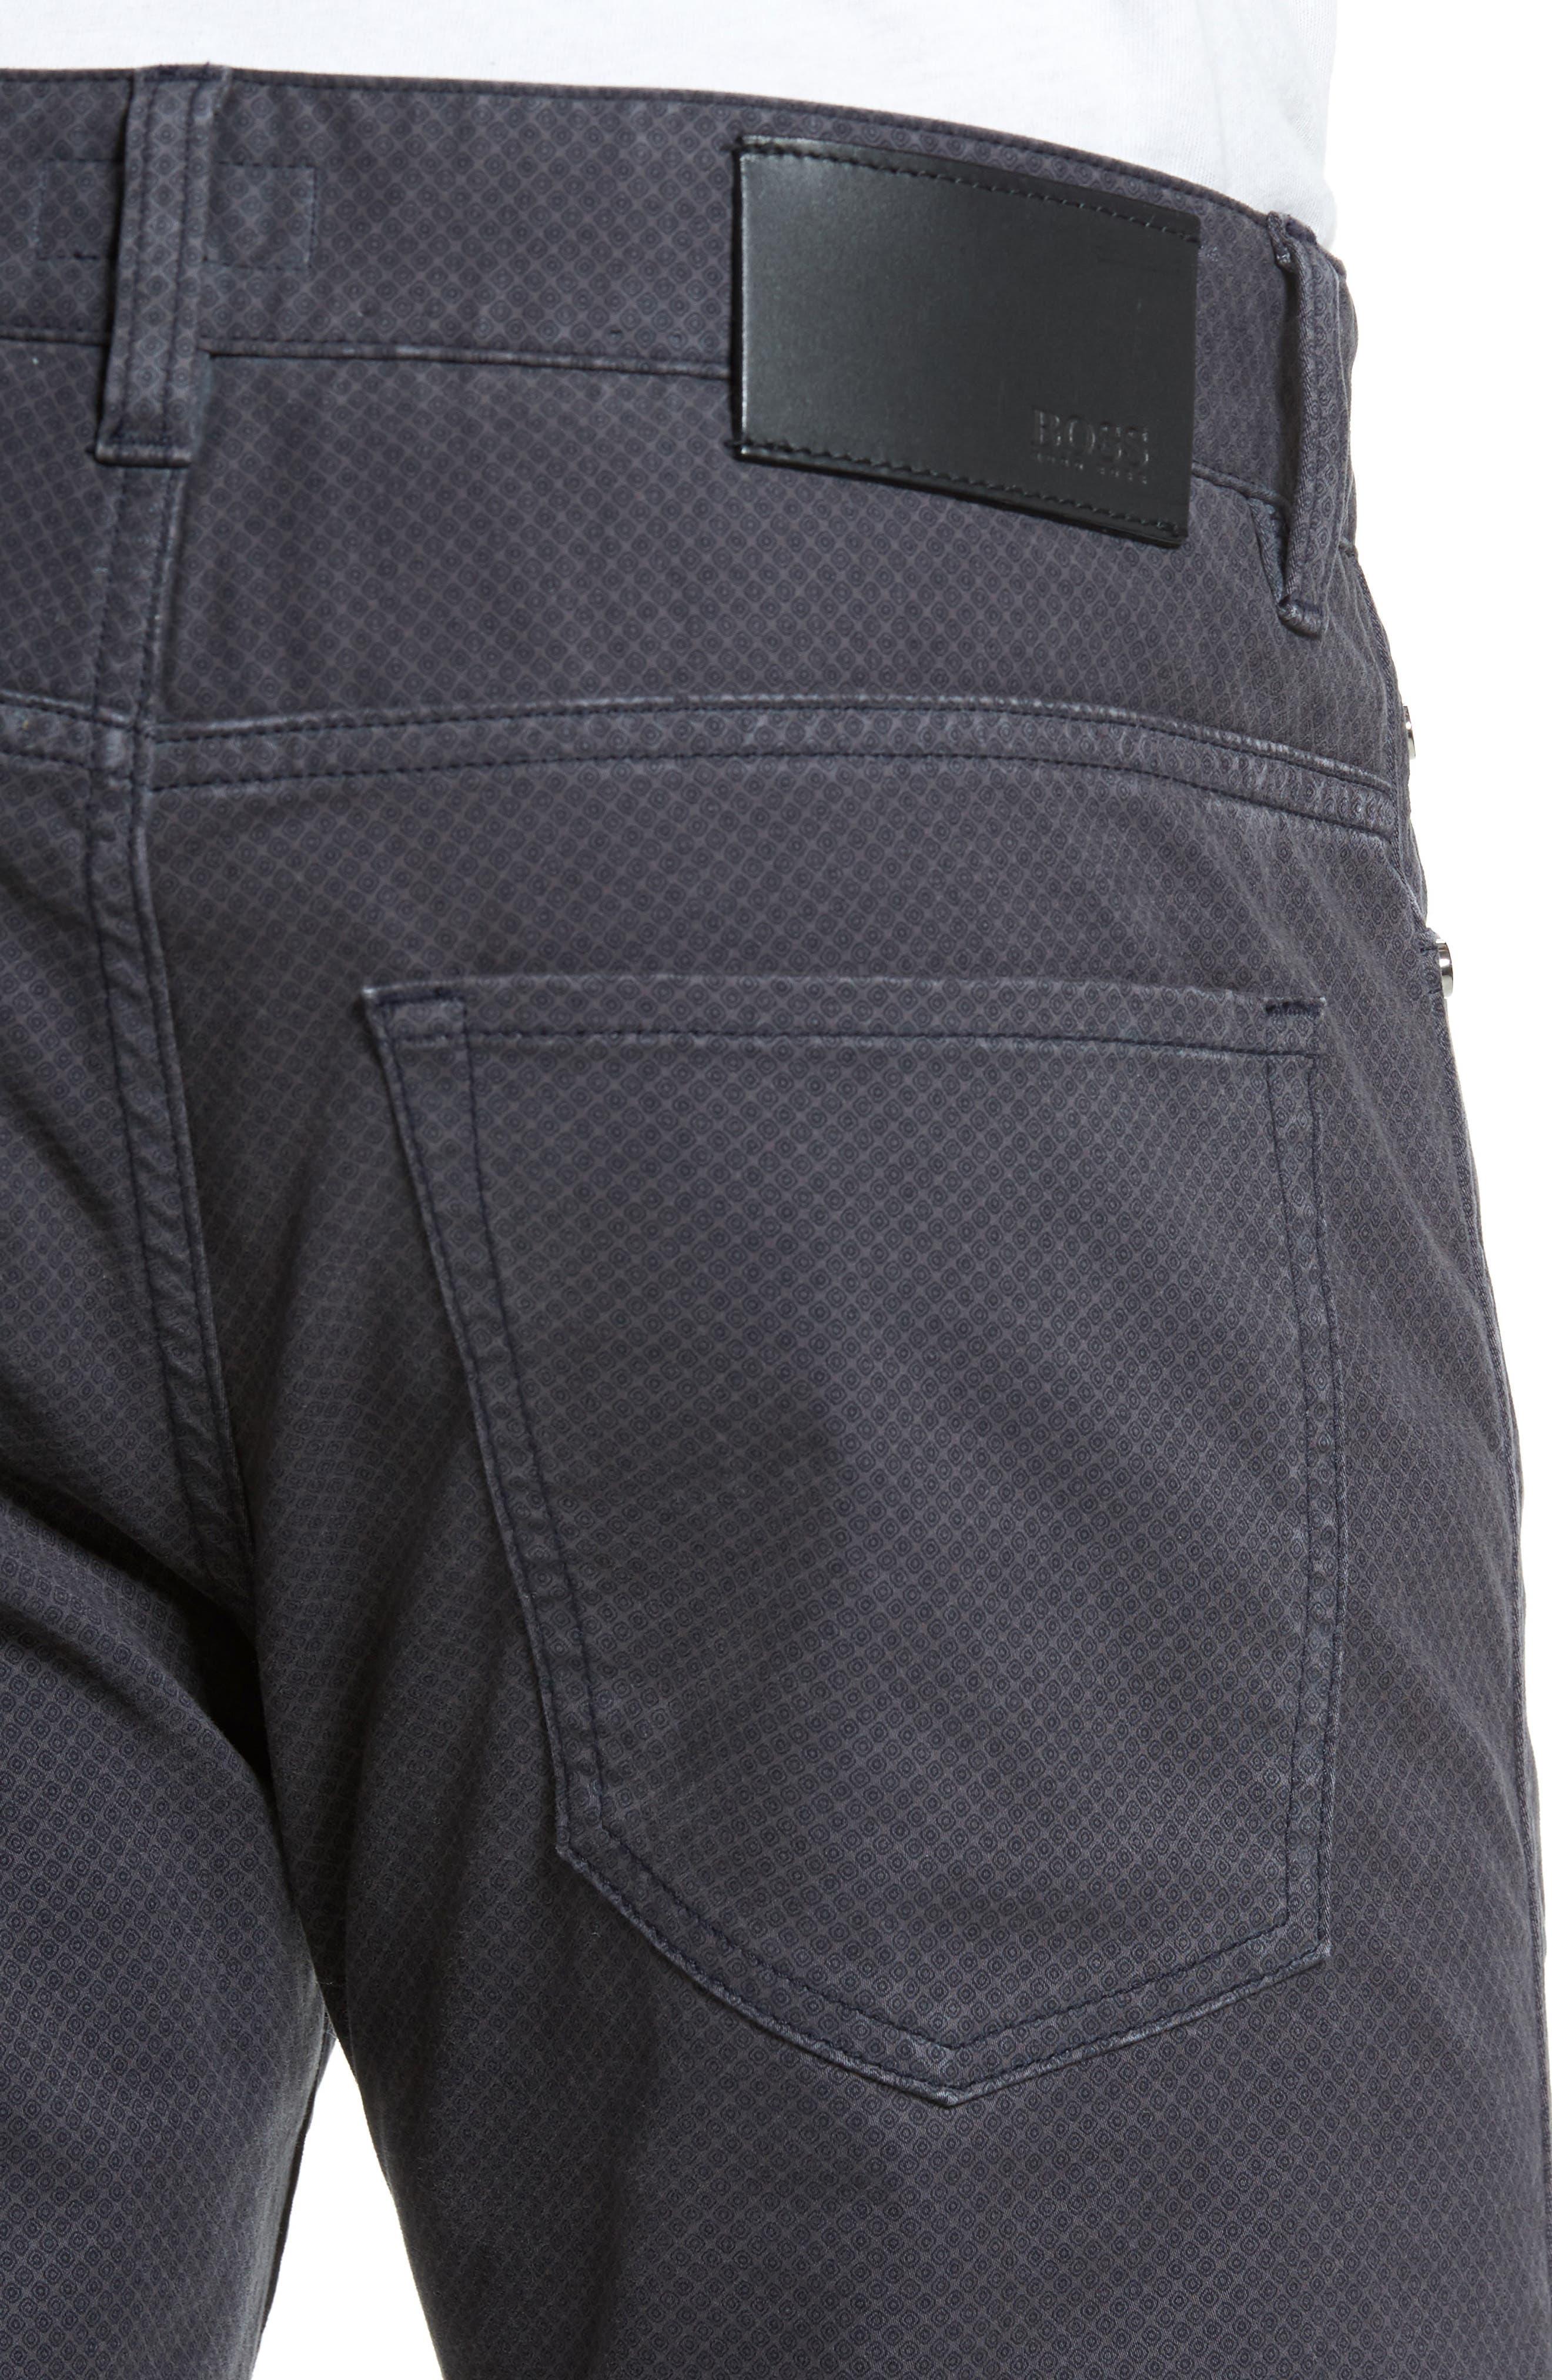 Delaware Slim Fit Pants,                             Alternate thumbnail 5, color,                             022